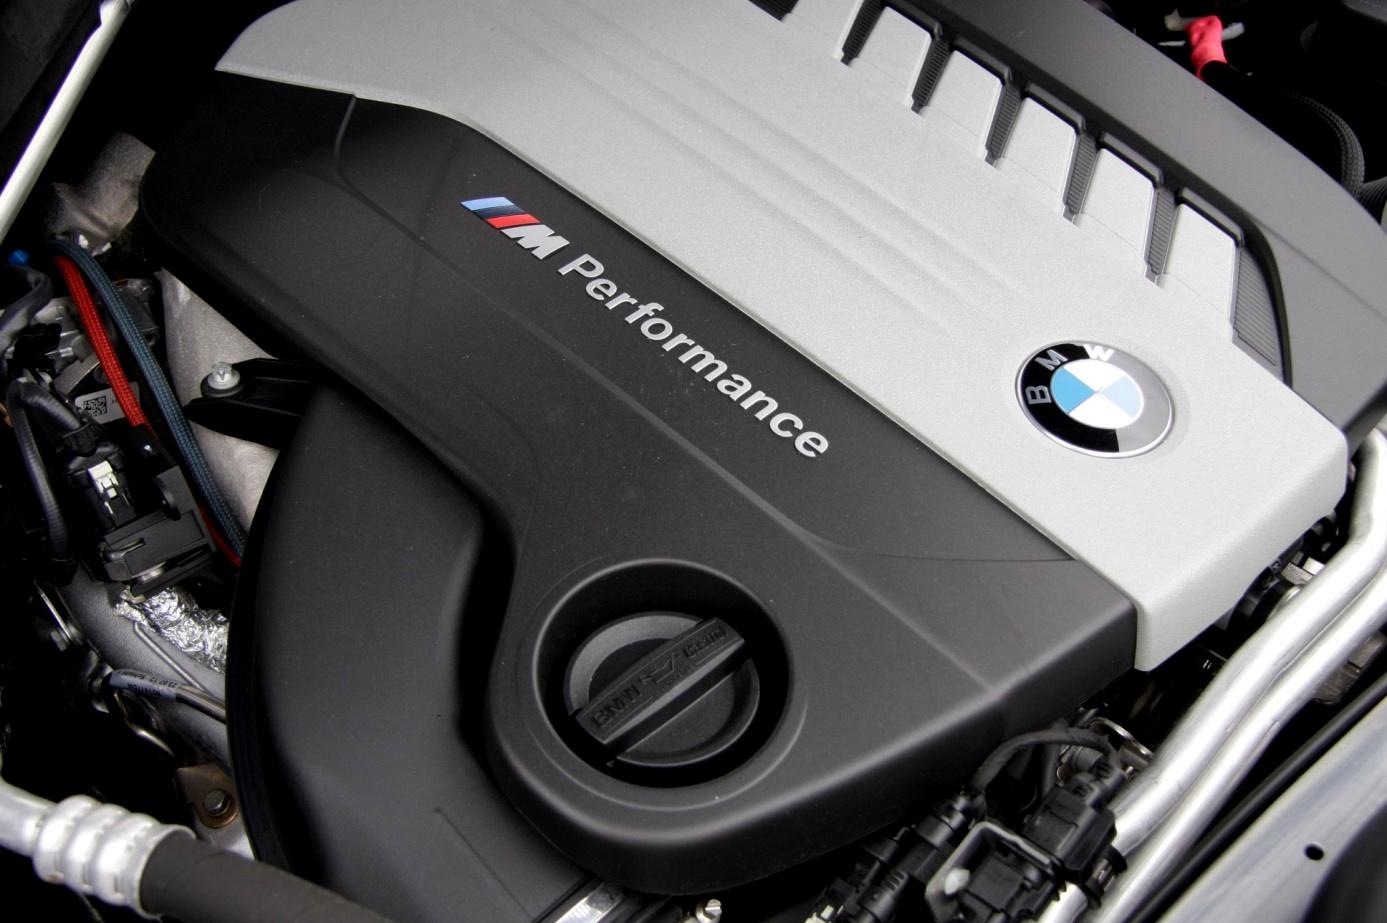 Czy to diesel czy benzyna? Jeśli ktoś się nie interesuje motoryzacją to nie odpowie na to pytanie.